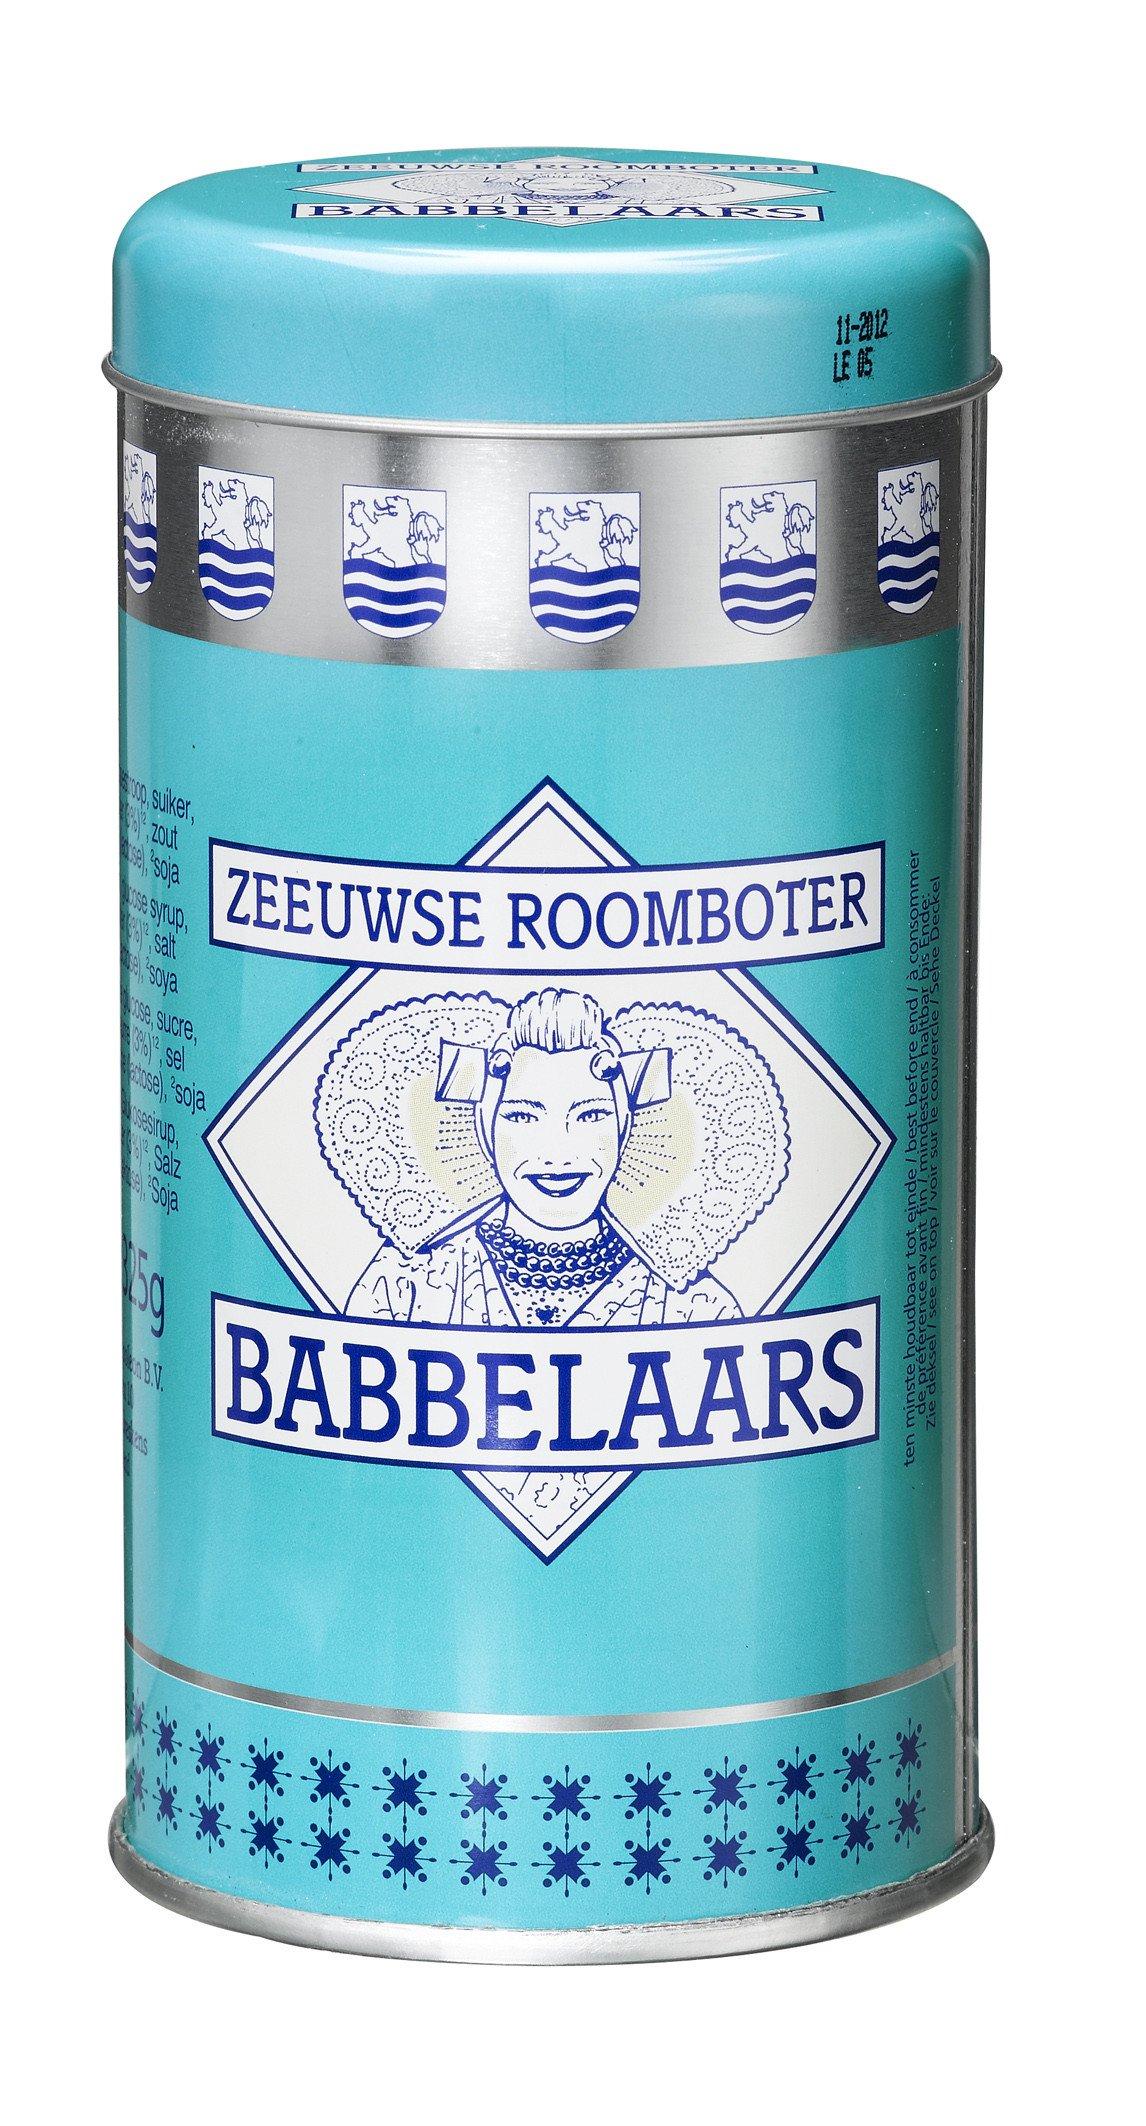 Donkers | Zeeuwse Roomboter Babbelaars | Blik 12 x 325 gram